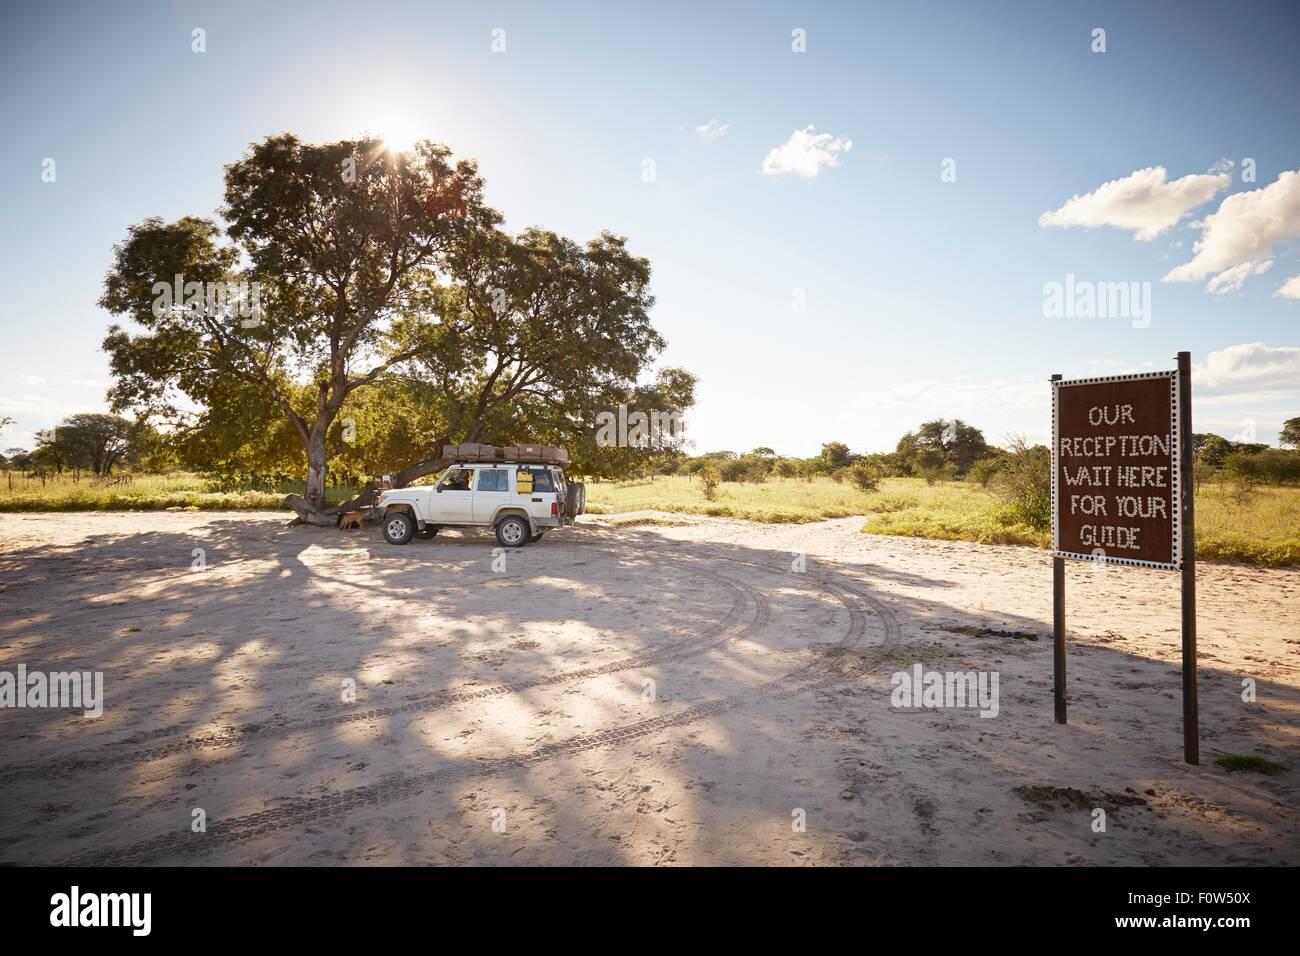 Geländewagen geparkt von touristischen Punkt, Grootfontein, Kavango, Namibia Stockbild